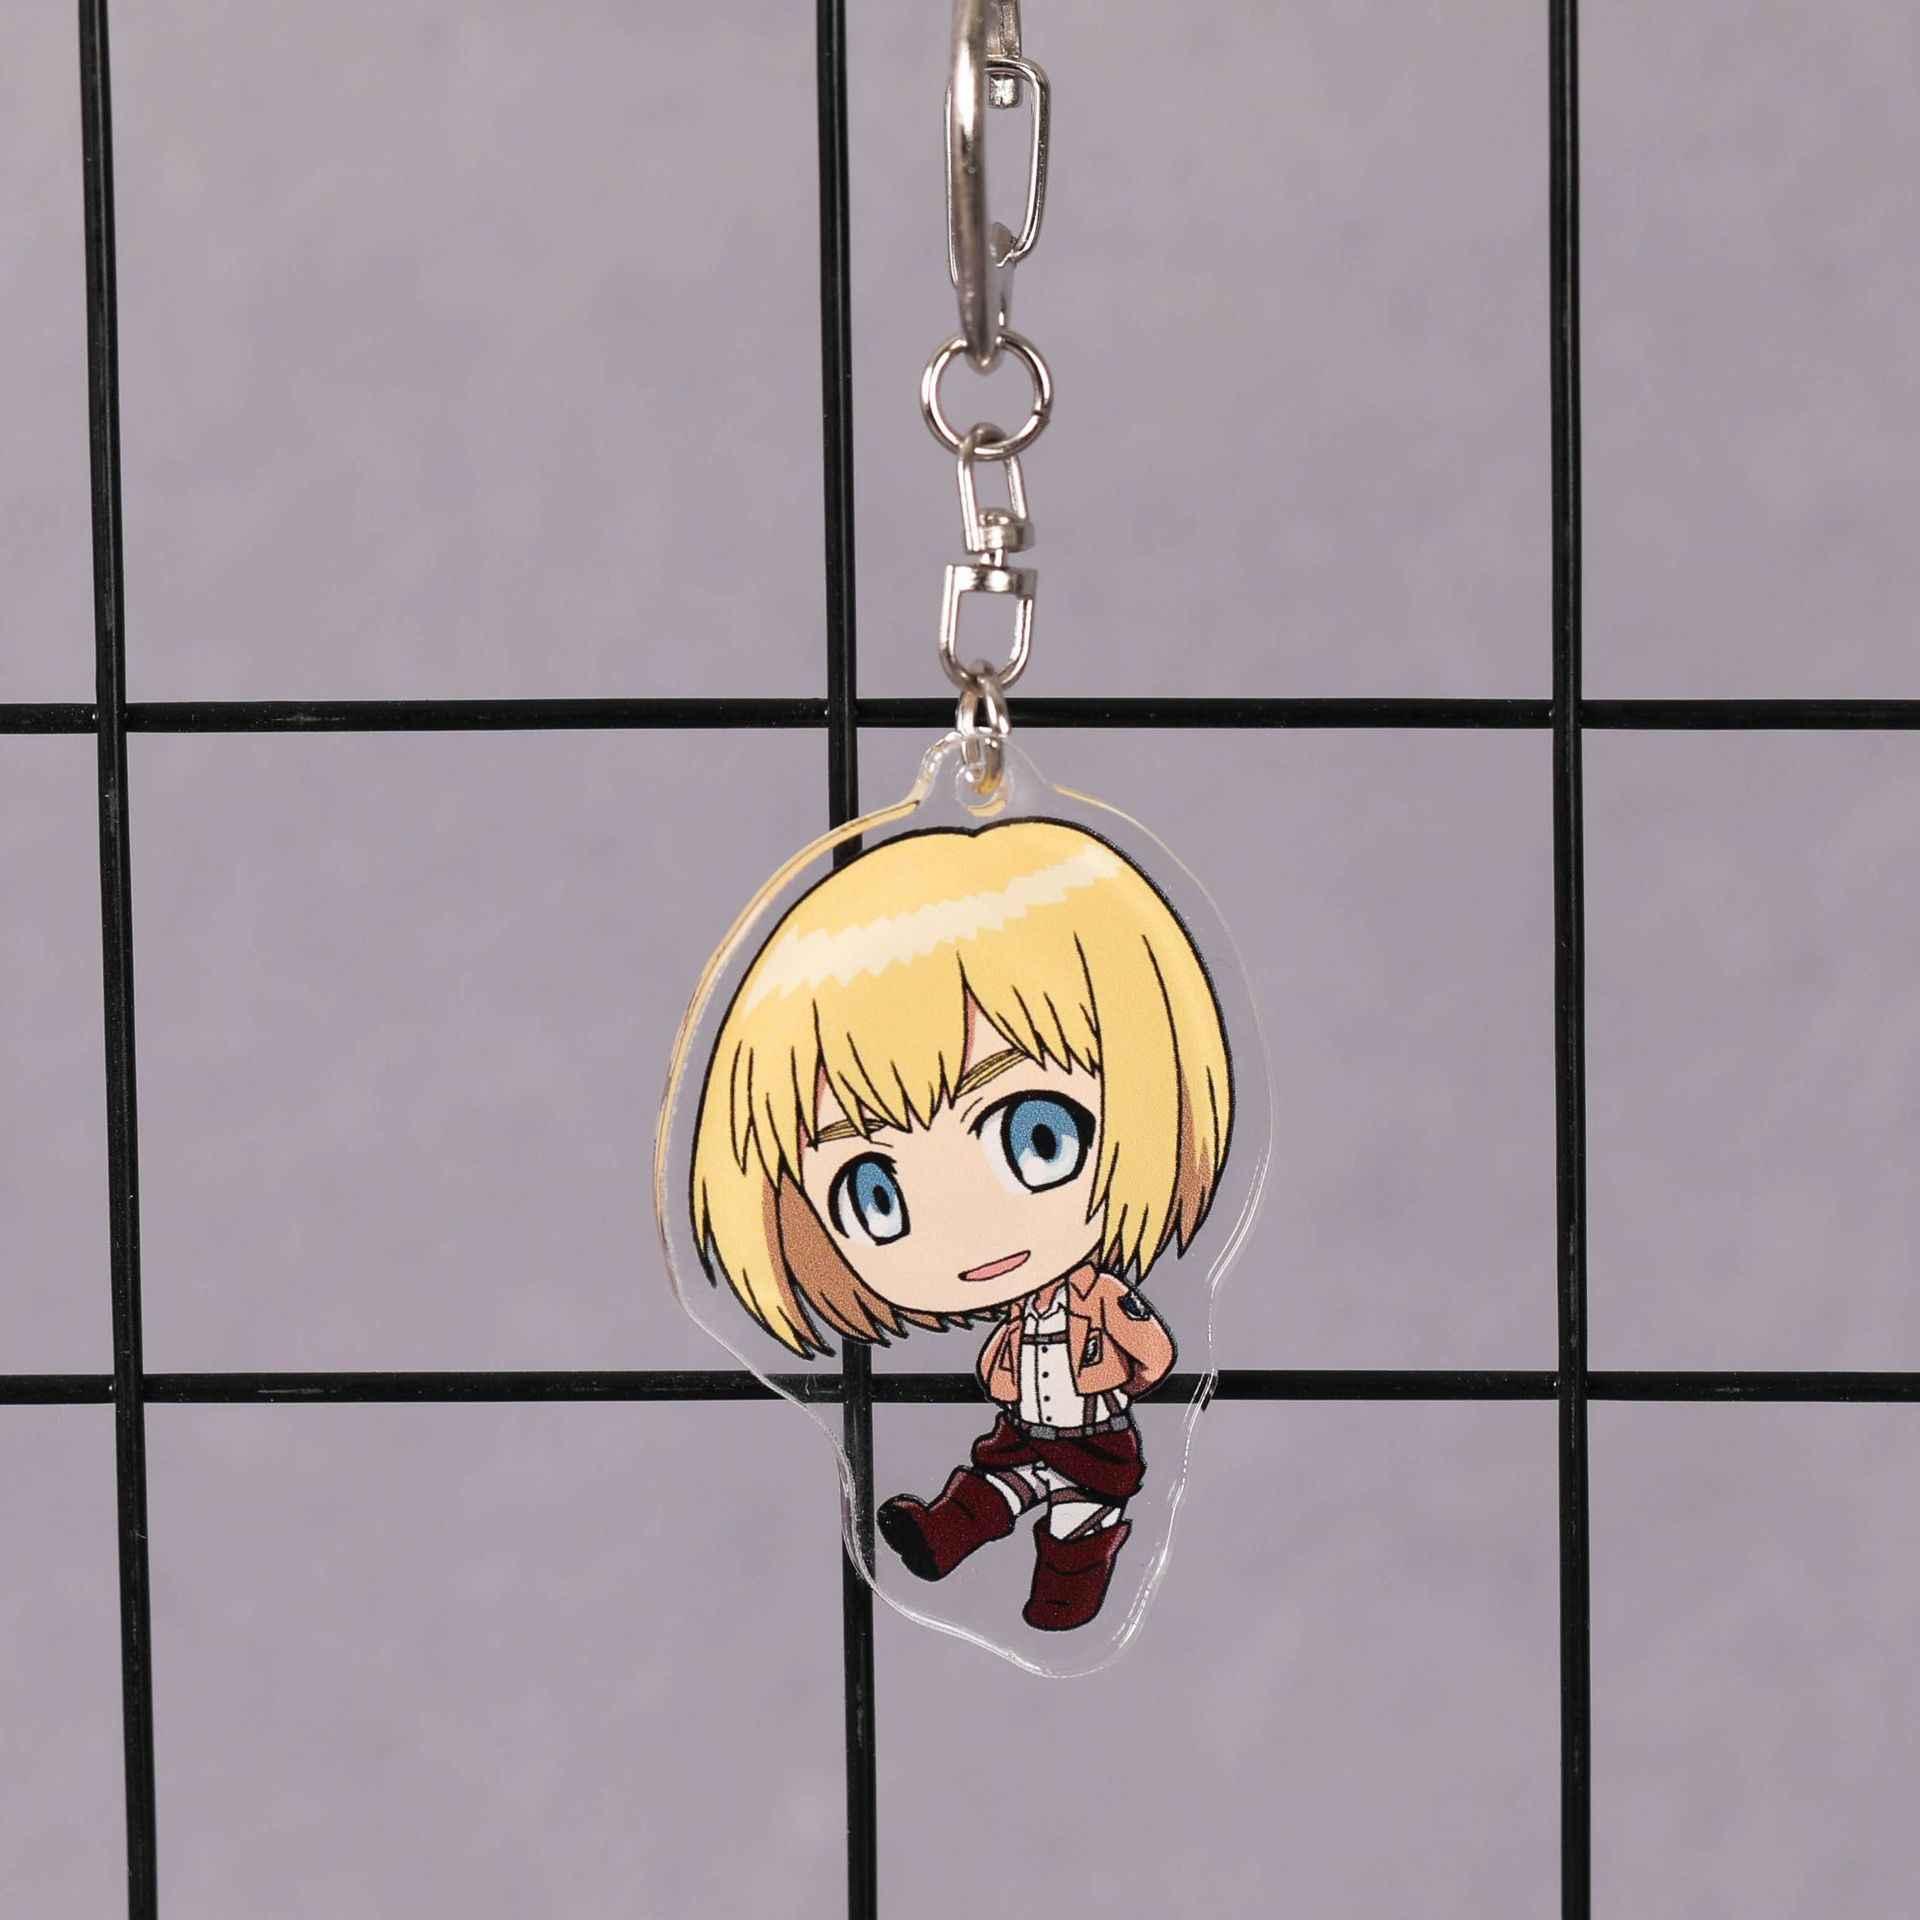 타이탄 키 체인에 새로운 도착 애니메이션 공격 일본 만화 shingeki no kyojin 거대한 자동차 키 홀더 체인 열쇠 고리 보석 선물